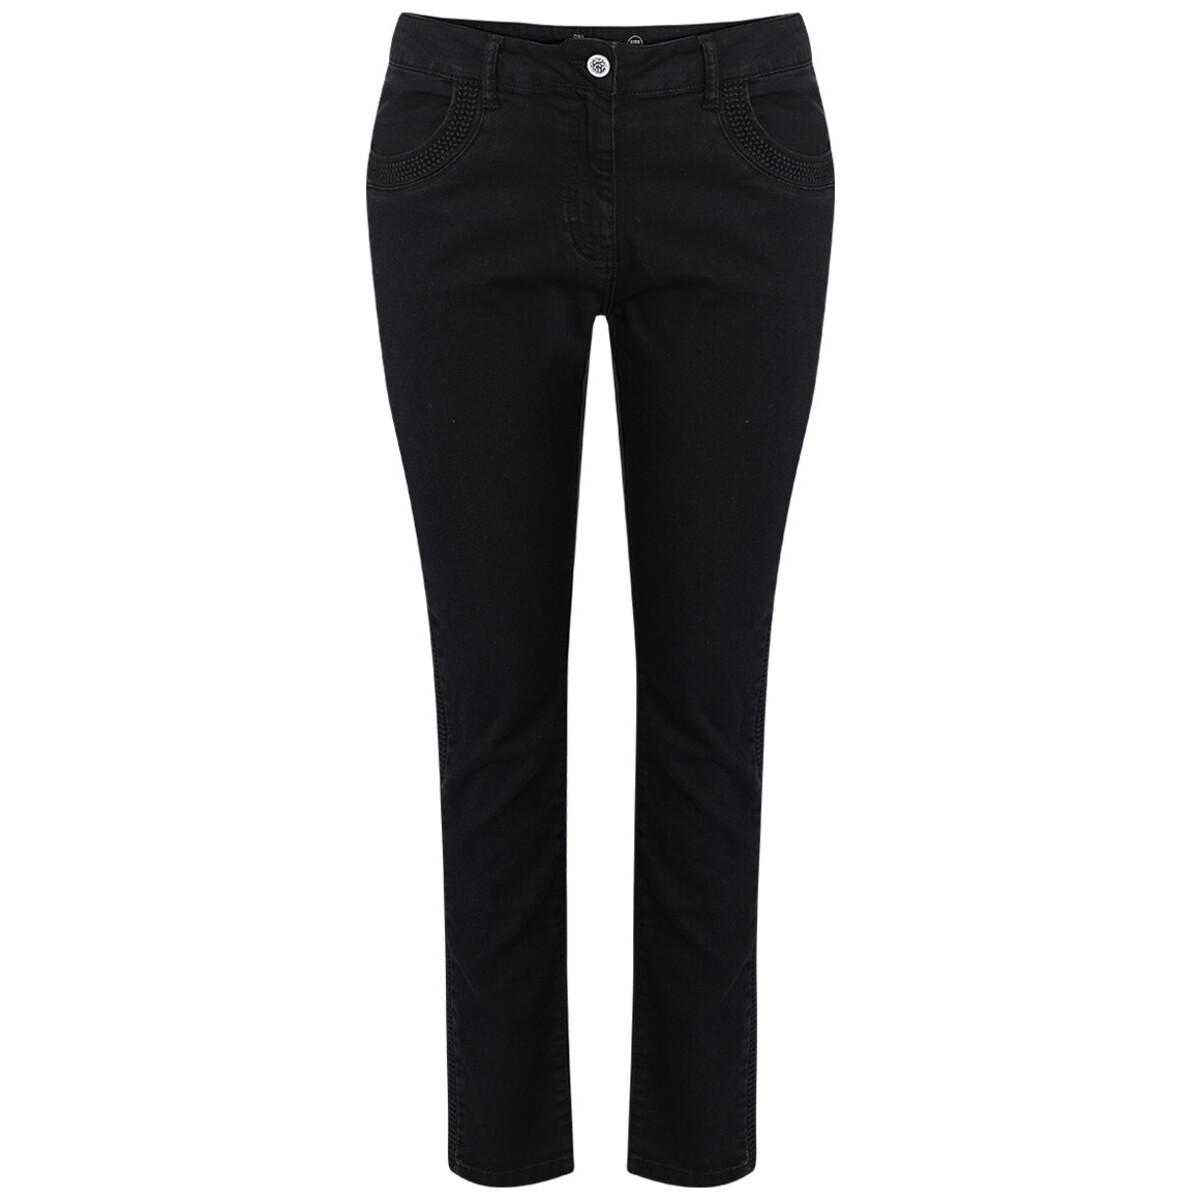 Bild 1 von Damen Slim-Jeans mit Galonstreifen